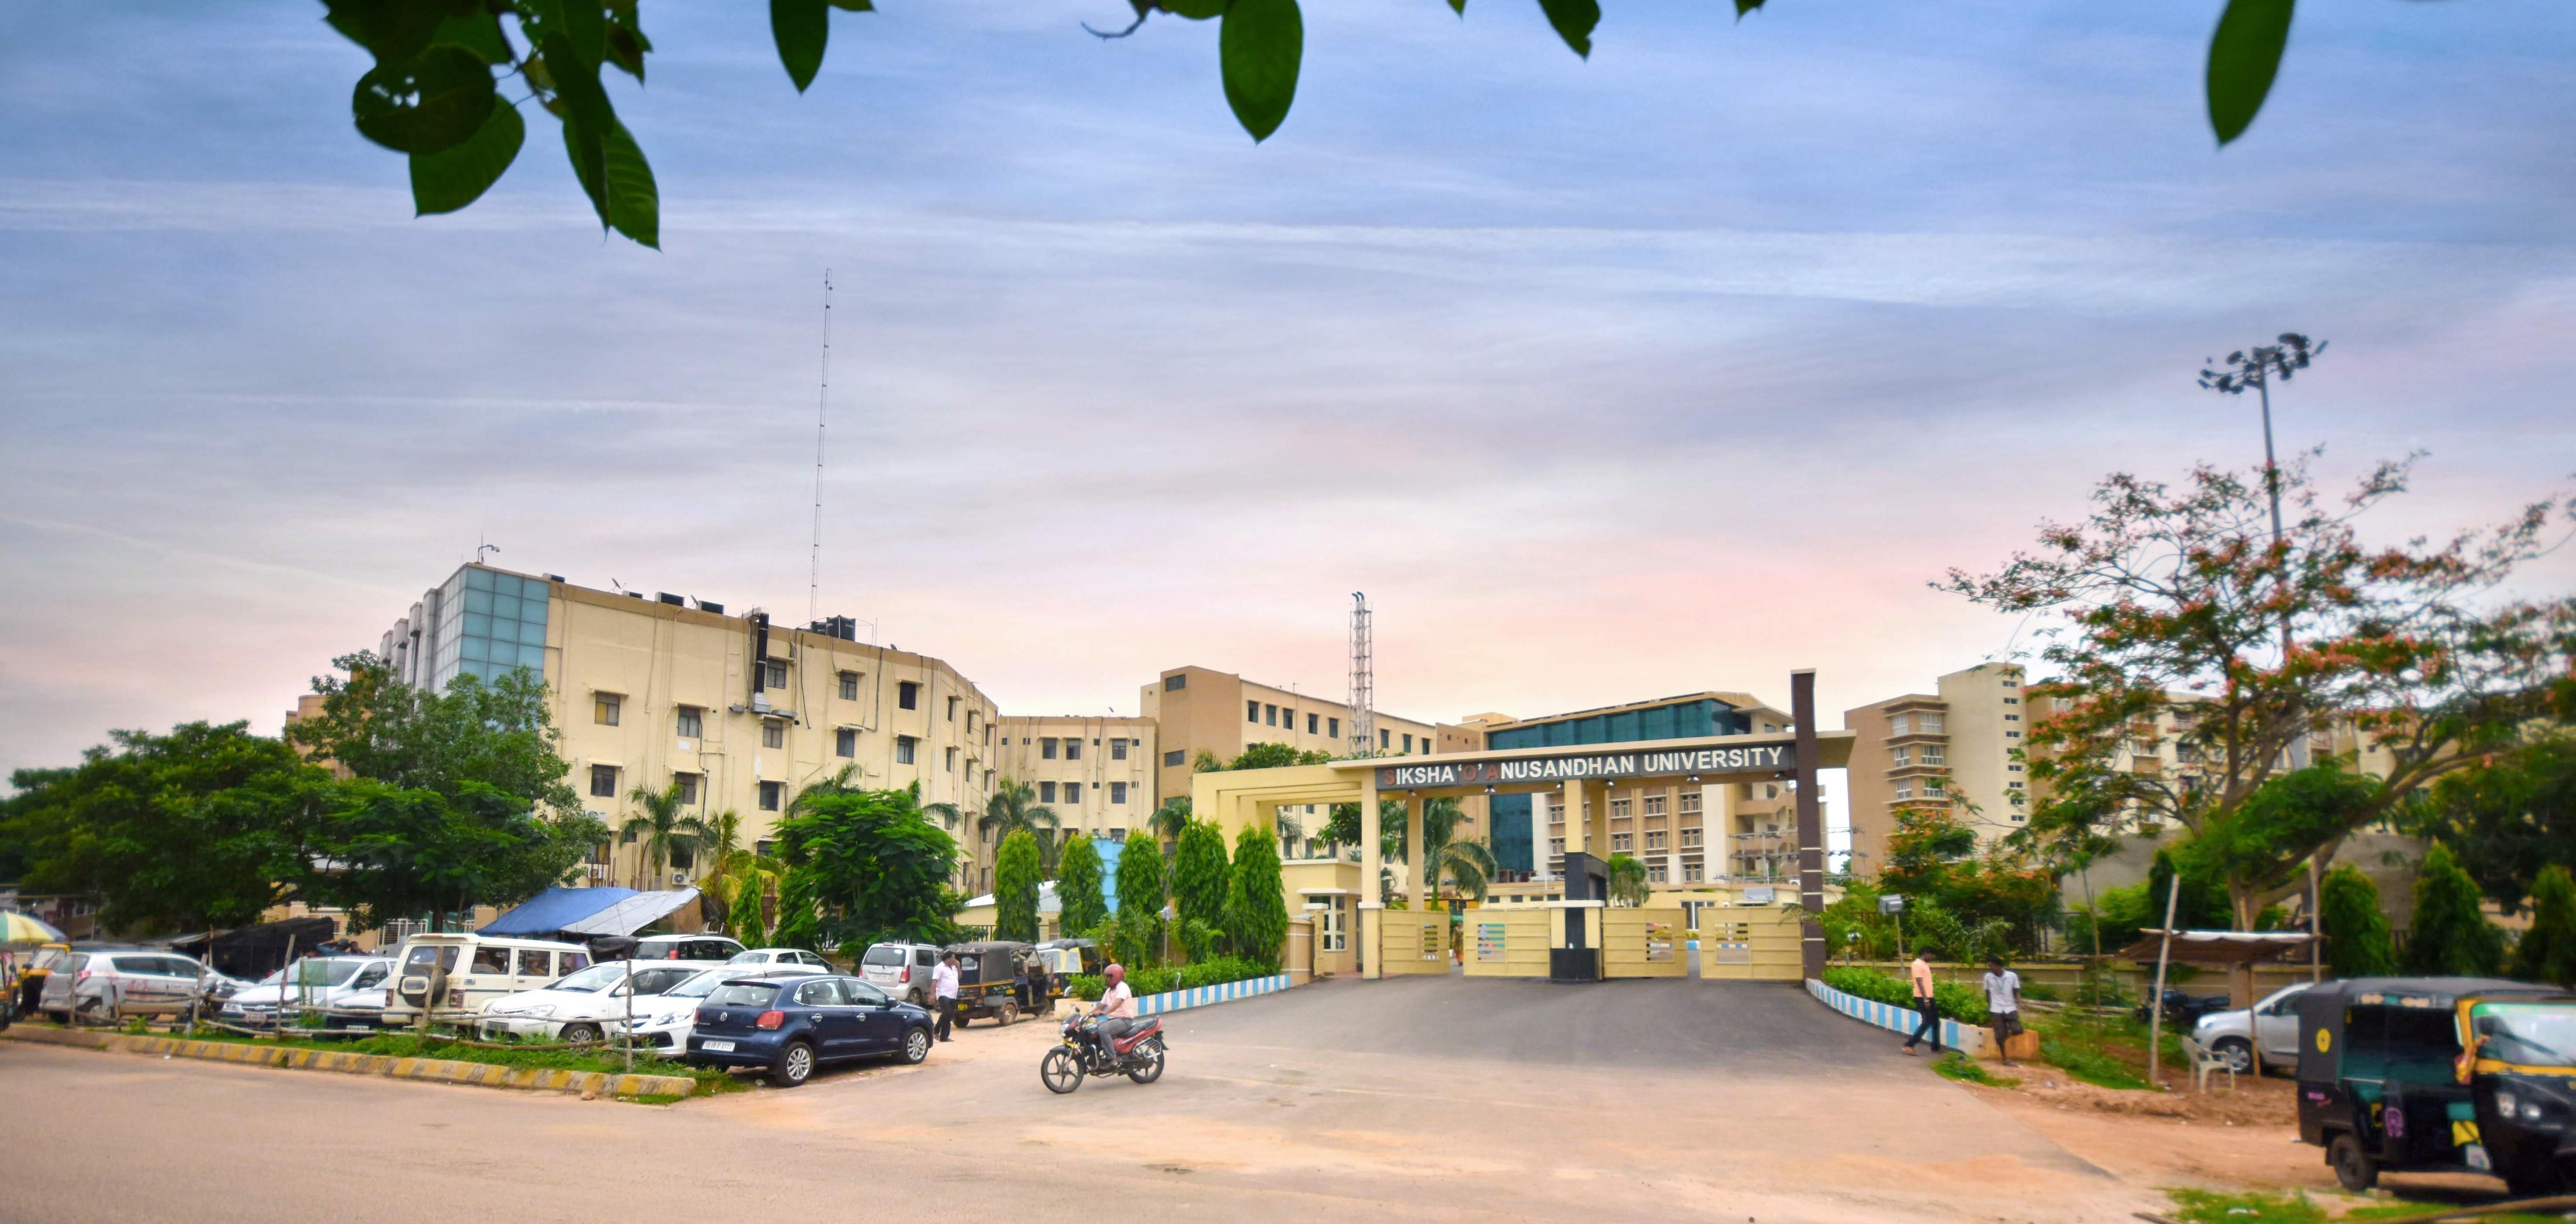 Campus of SOA